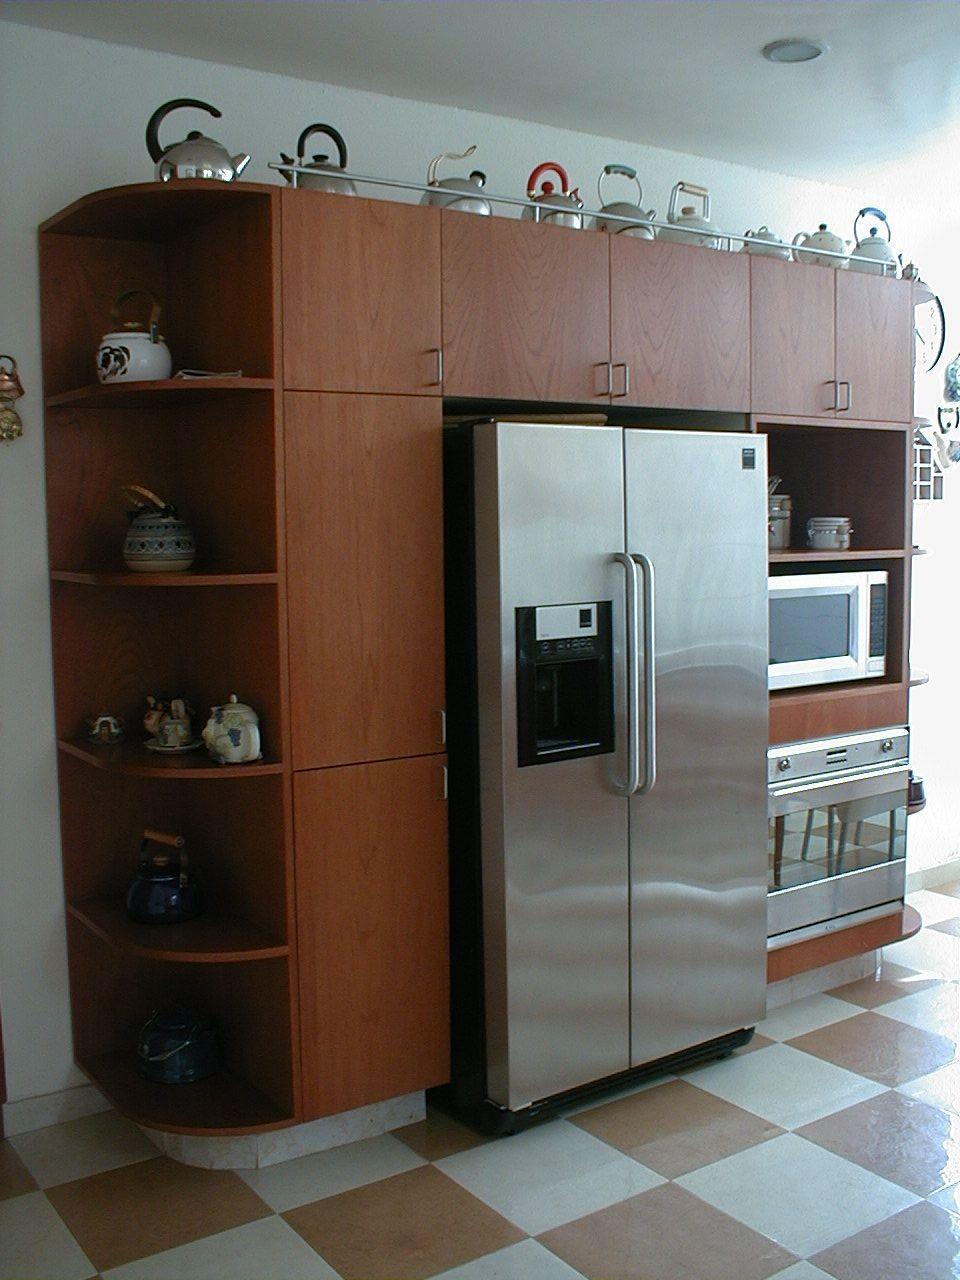 El refrigerador empotrado cocinas a la medida en 2019 for Cocina y refrigerador juntos